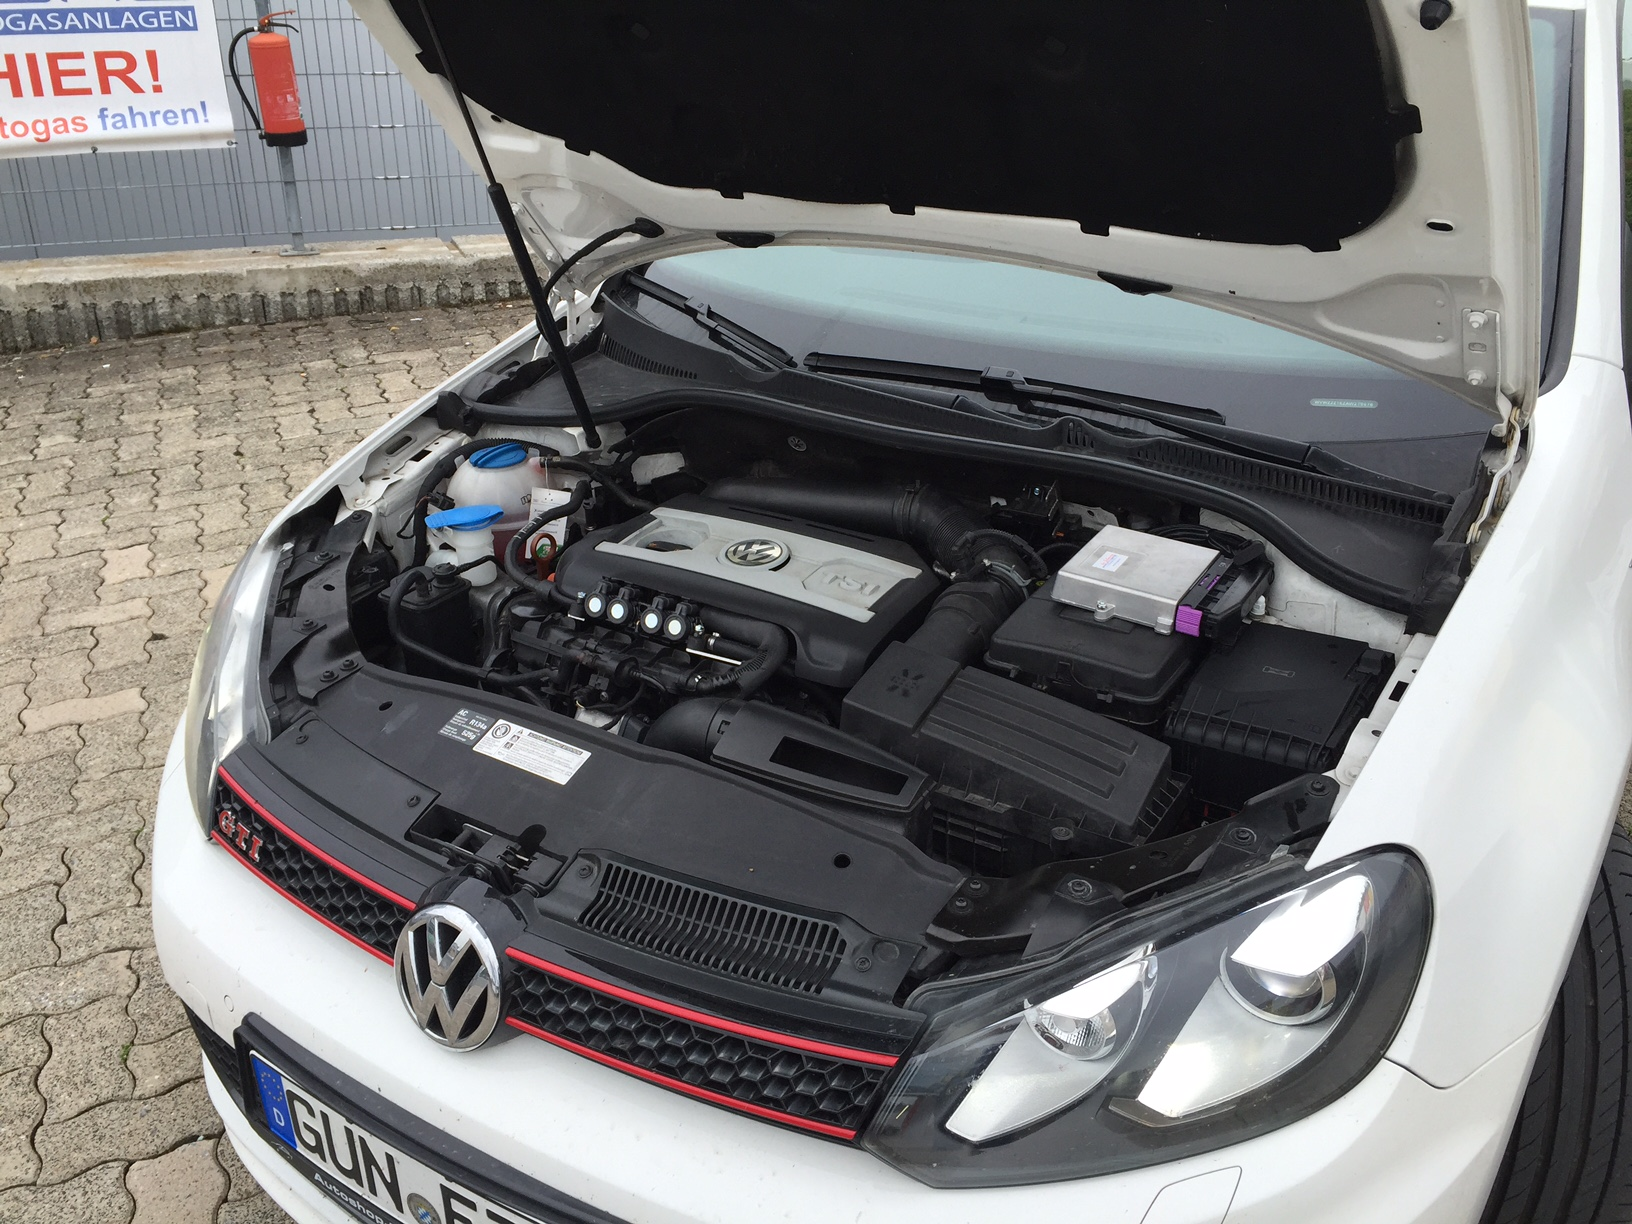 autogas_umruesstung-auf-lpg-autogas-vw-golf-6-gti-direkteinspritzer-motor